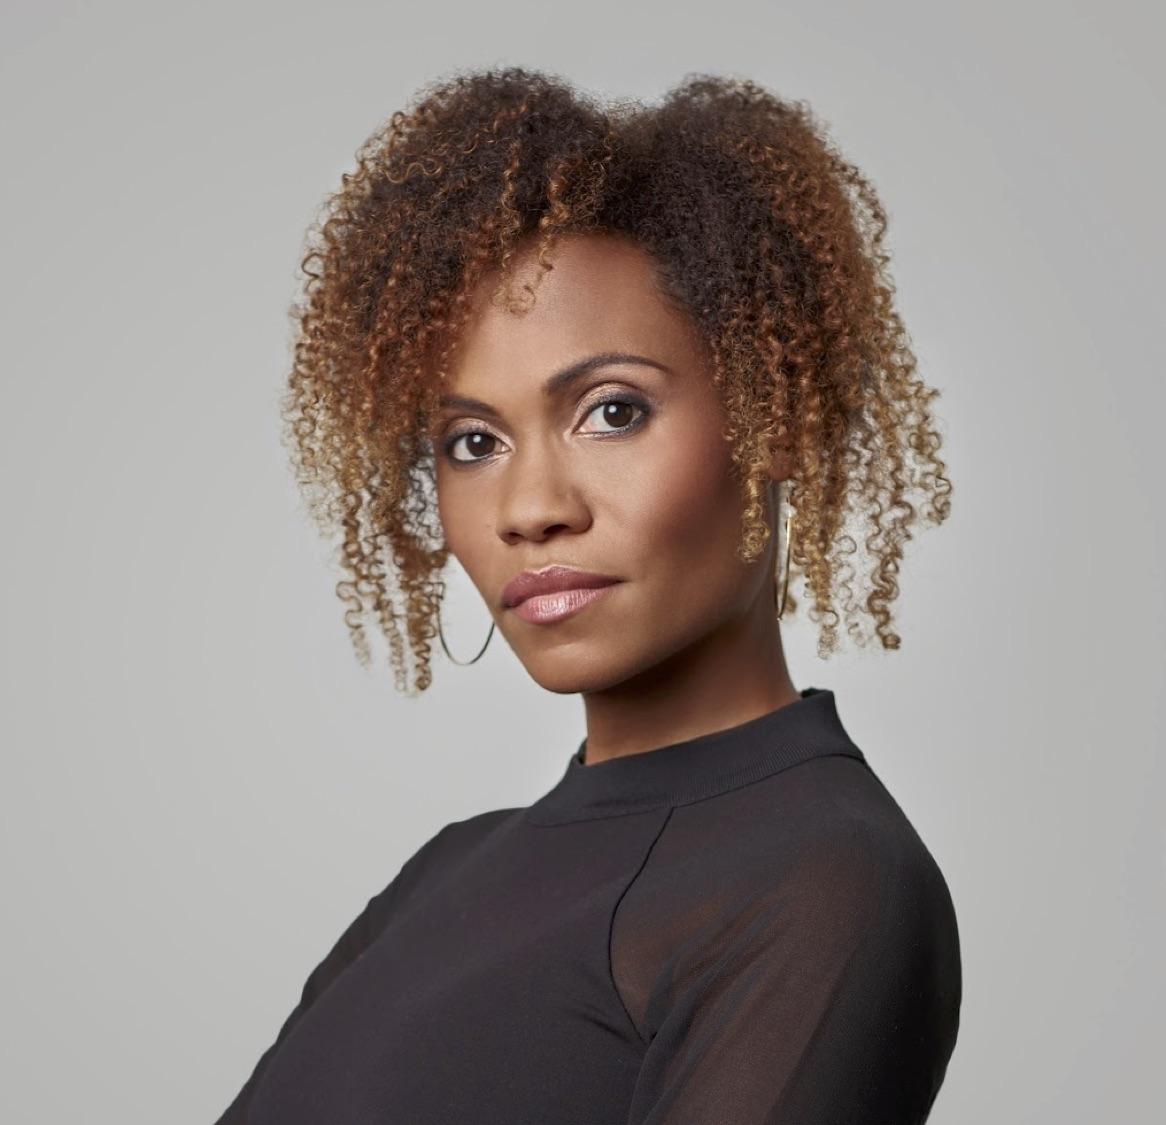 Karla Ferguson on branding in a Black Lives Matter Movement